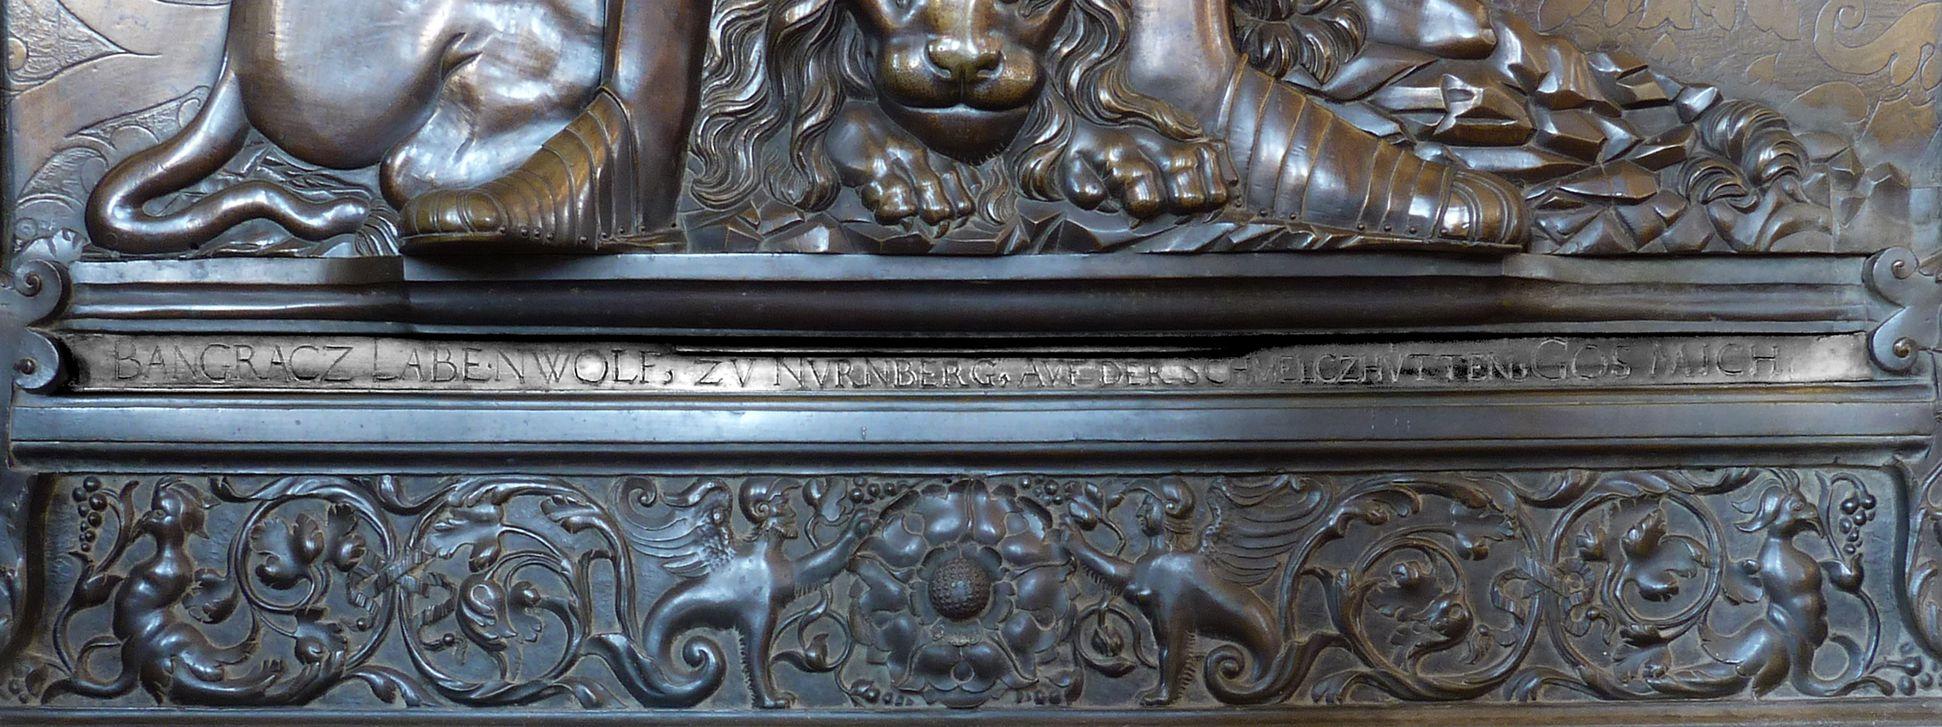 """Epitaph des Gottfried Werner Graf von Zimmern (Meßkirch, Baden-Württemberg) unterer Plattenrand mit Inschrift: """"BANGRACZ LABENWOLF, ZV NVRNBERG, AVF DER SCHMELCZHVETTEN, GOS MICH"""""""